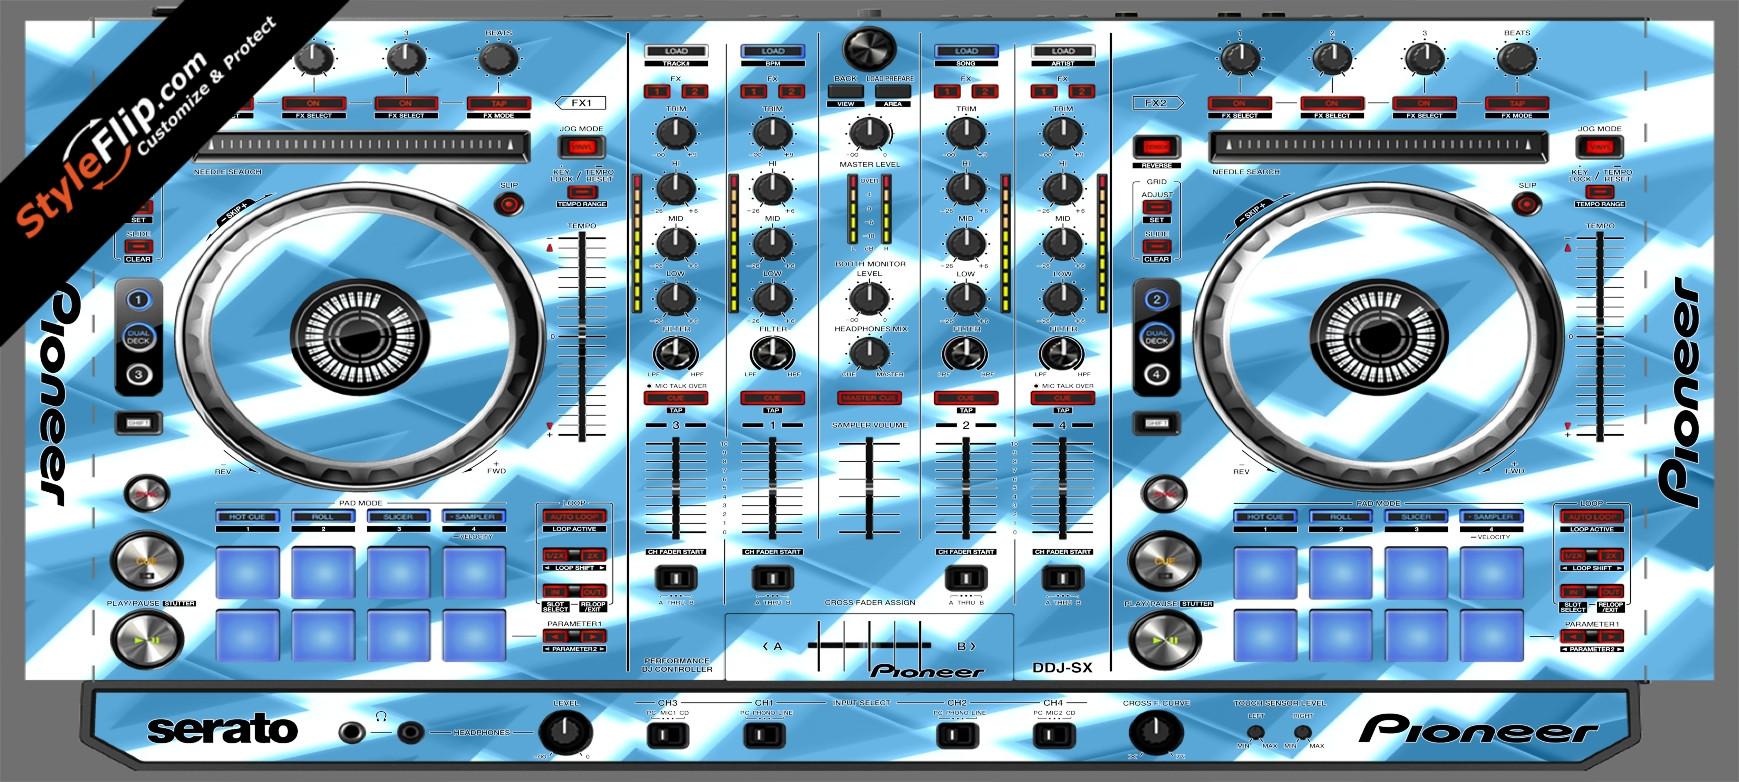 Frozen Pioneer DDJ-SX